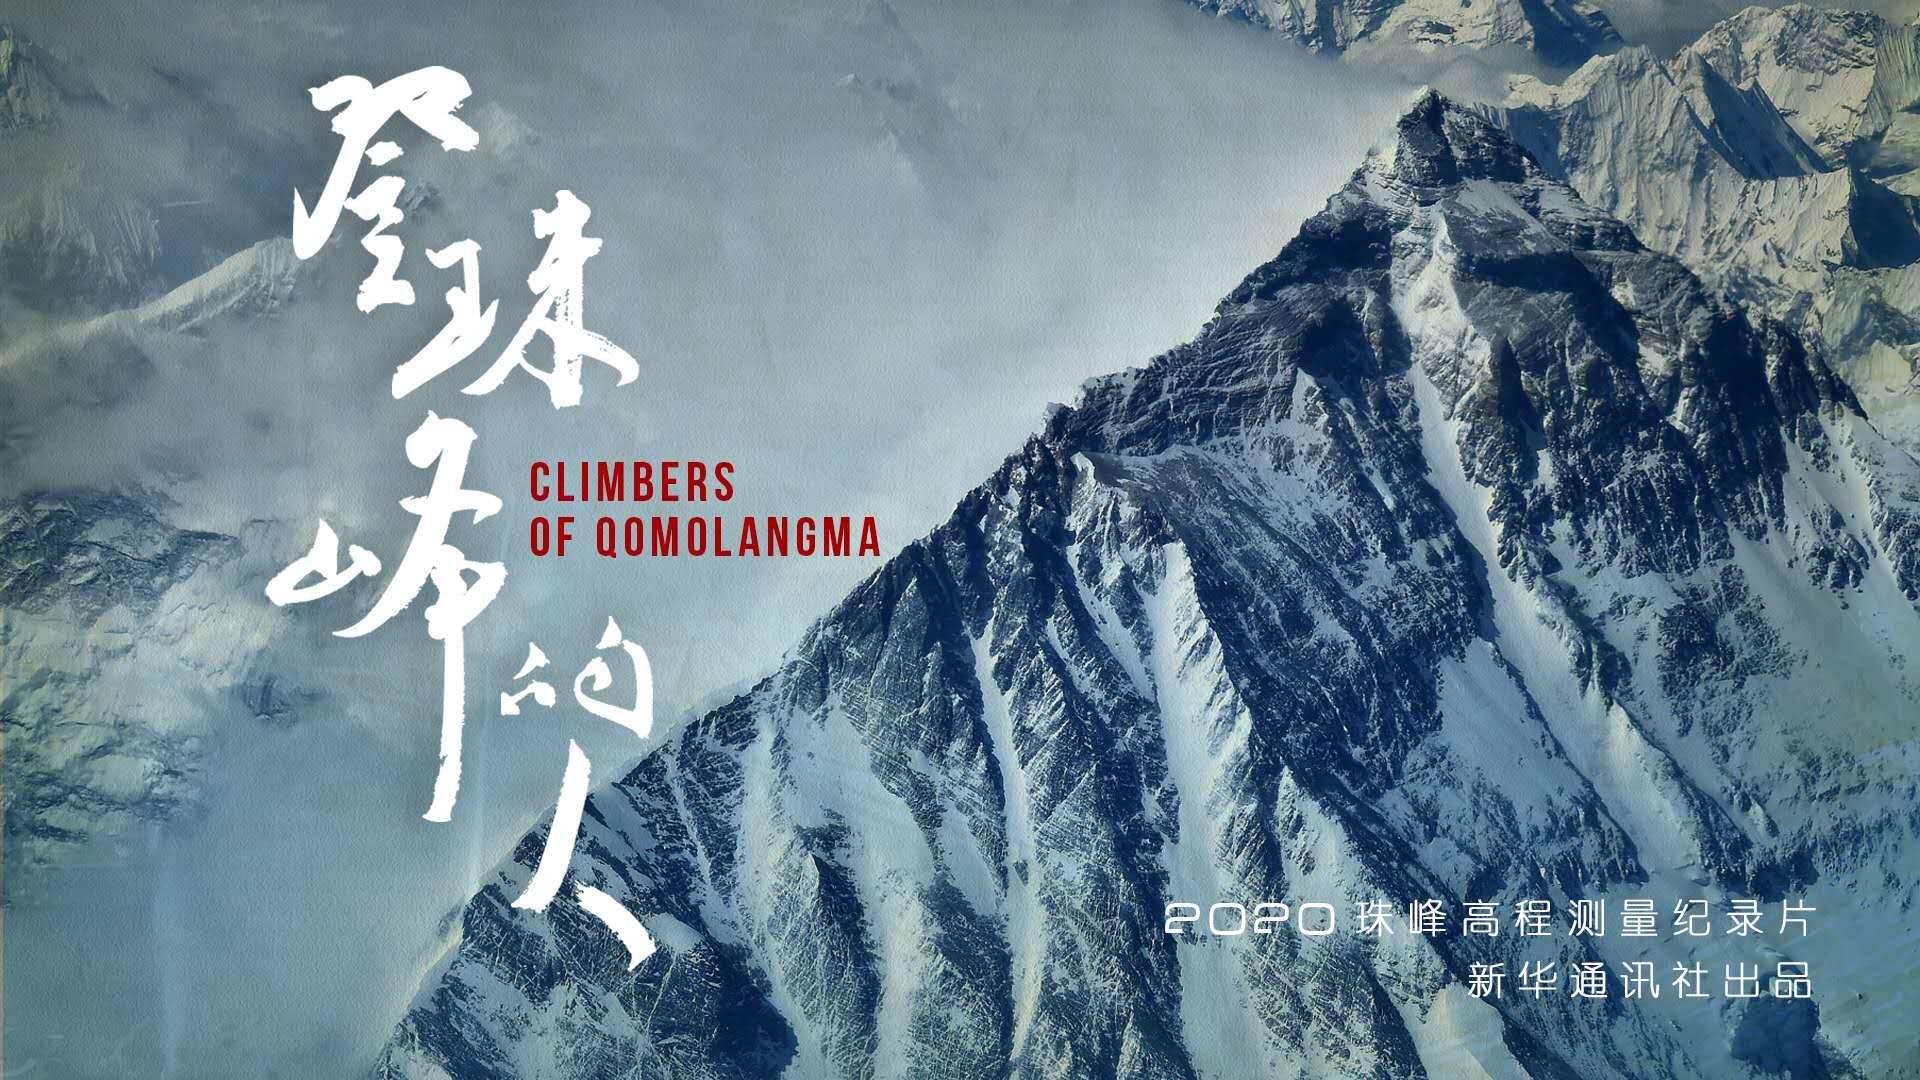 新华社 | 纪录片《登珠峰的人》 2020中国珠峰高程测量全纪录